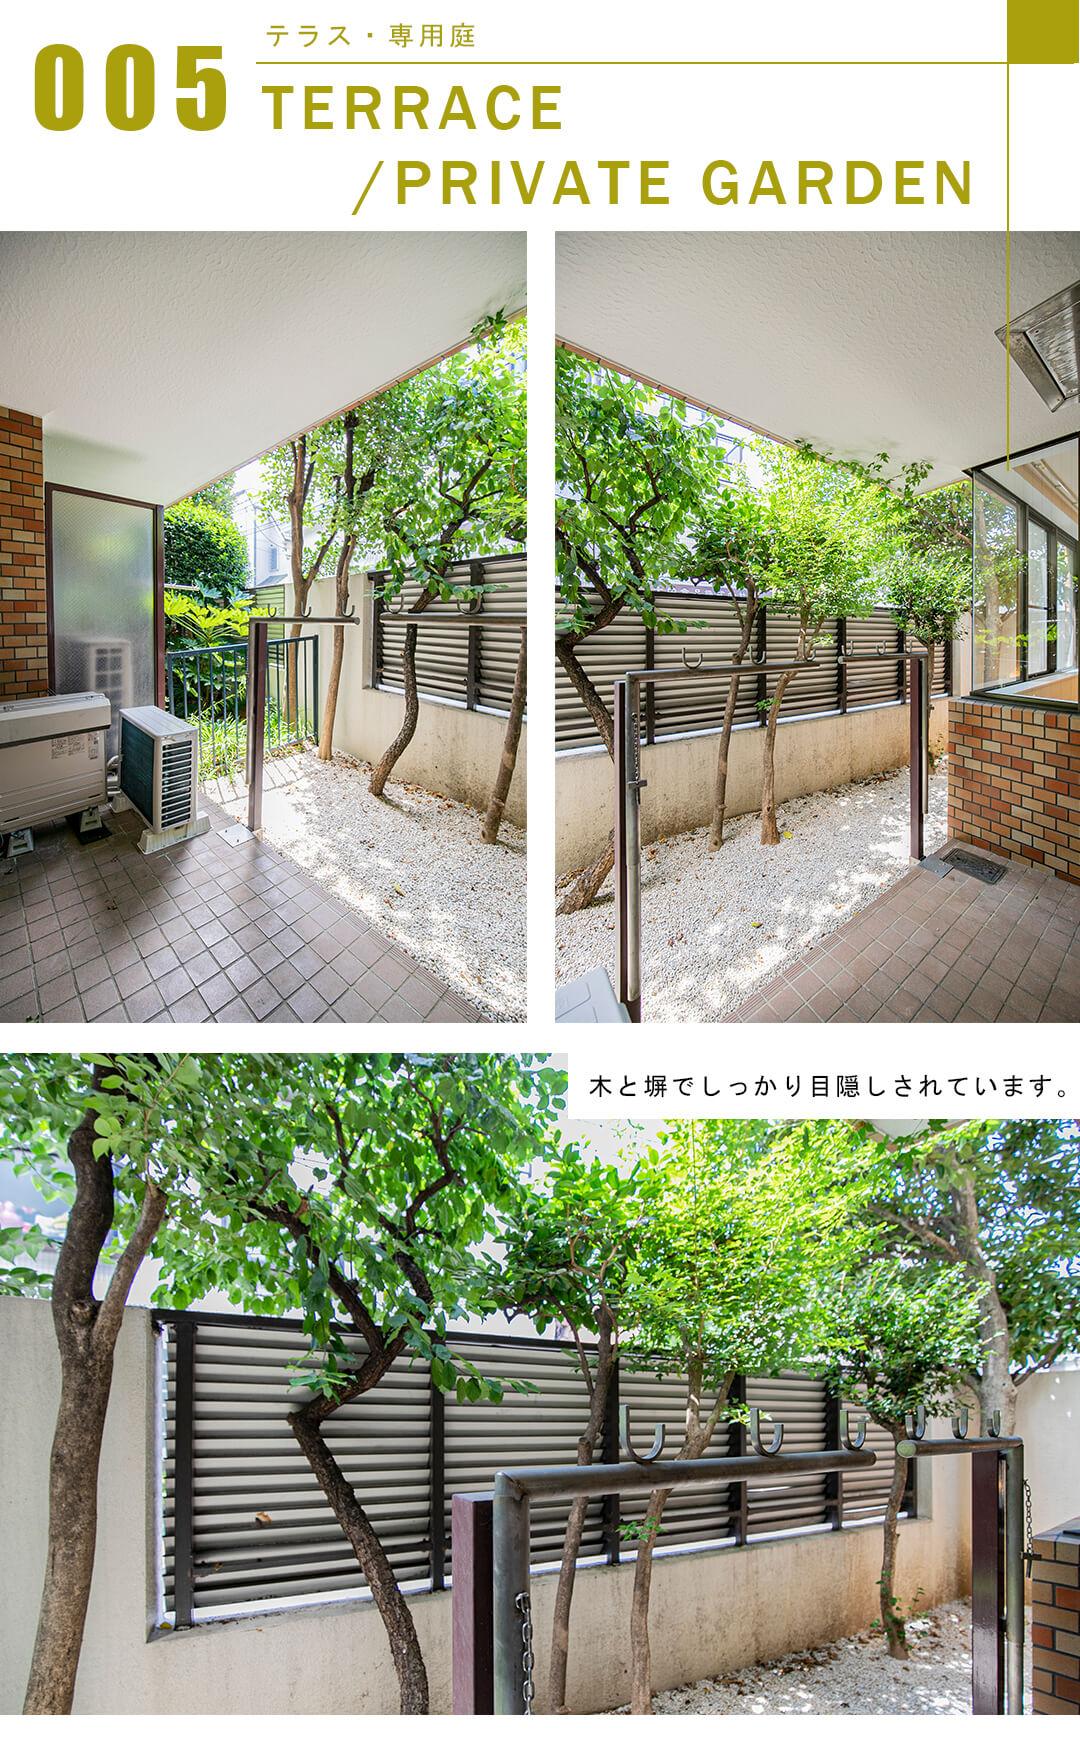 上北沢テラスA棟のテラスと専用庭